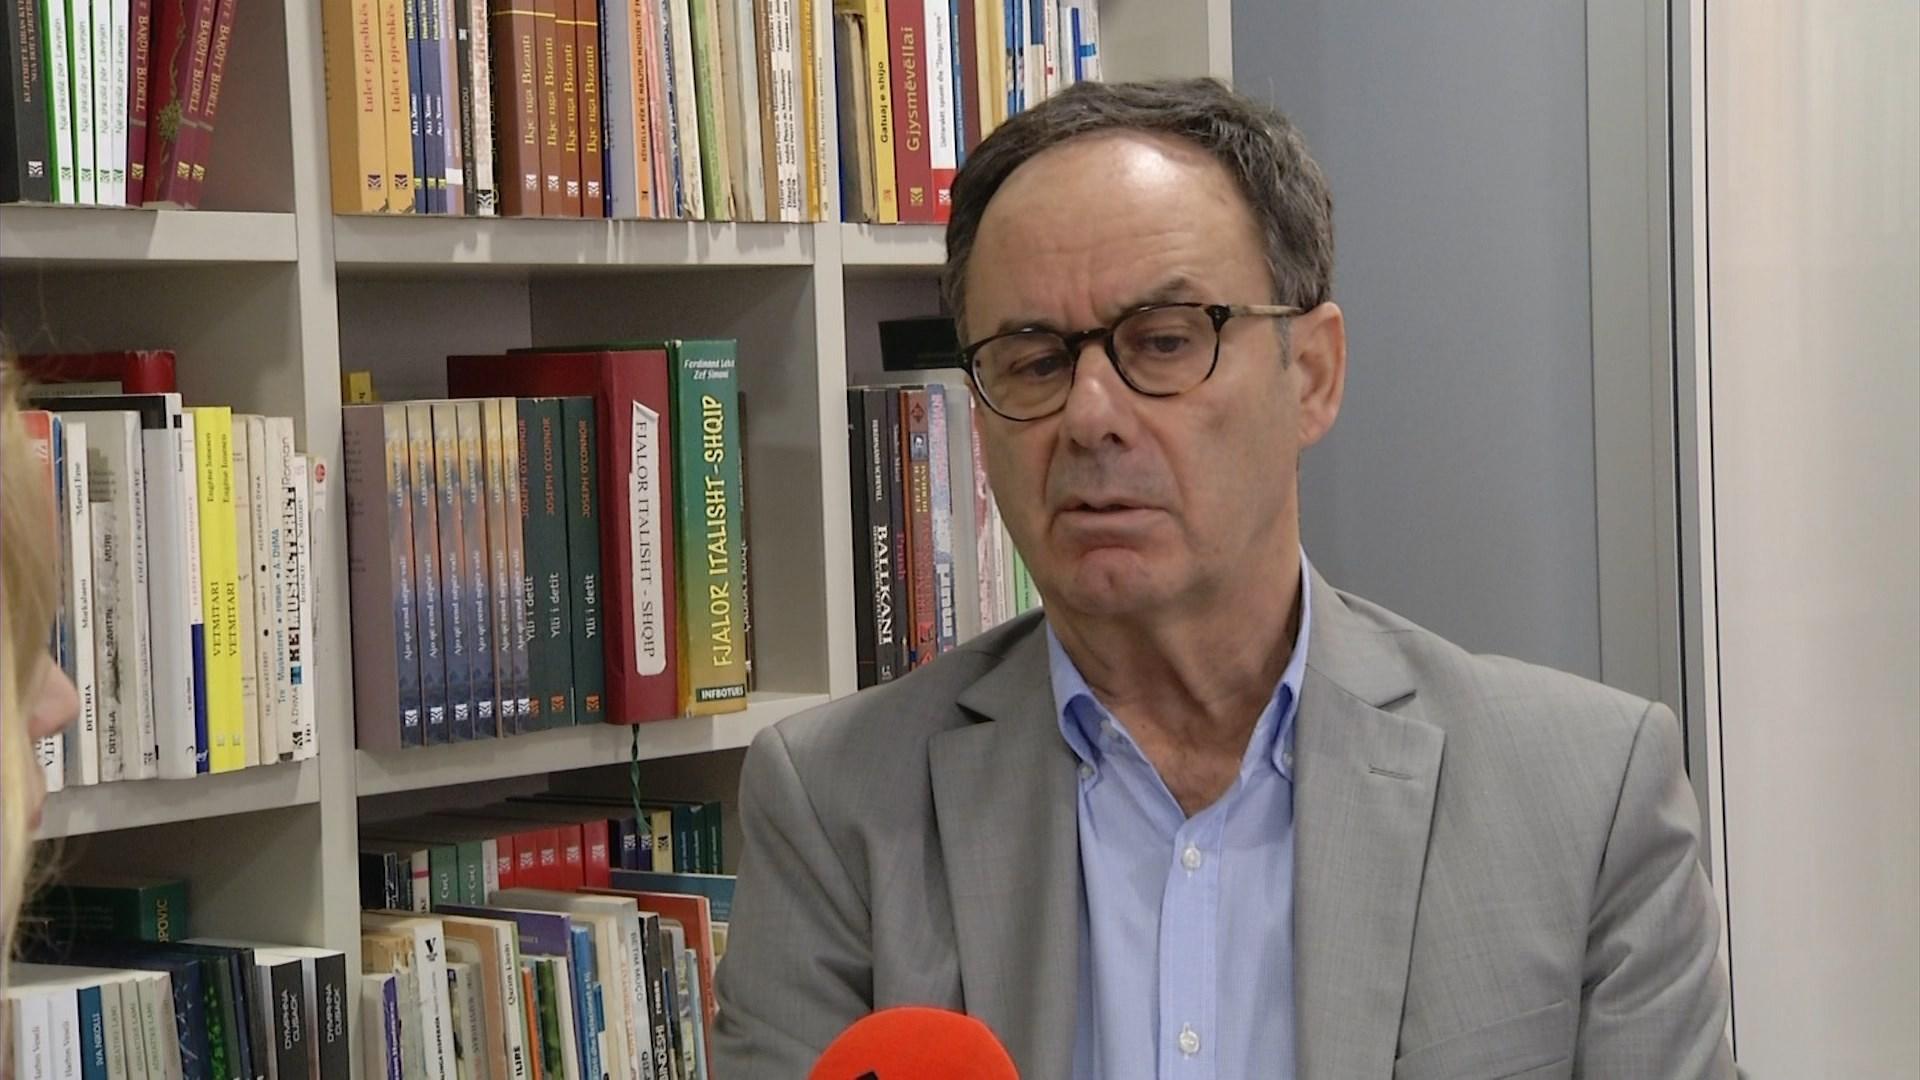 Petrit Ymeri: Sfidat e leximit, tema kryesore e Edicionit të 21 të Librit